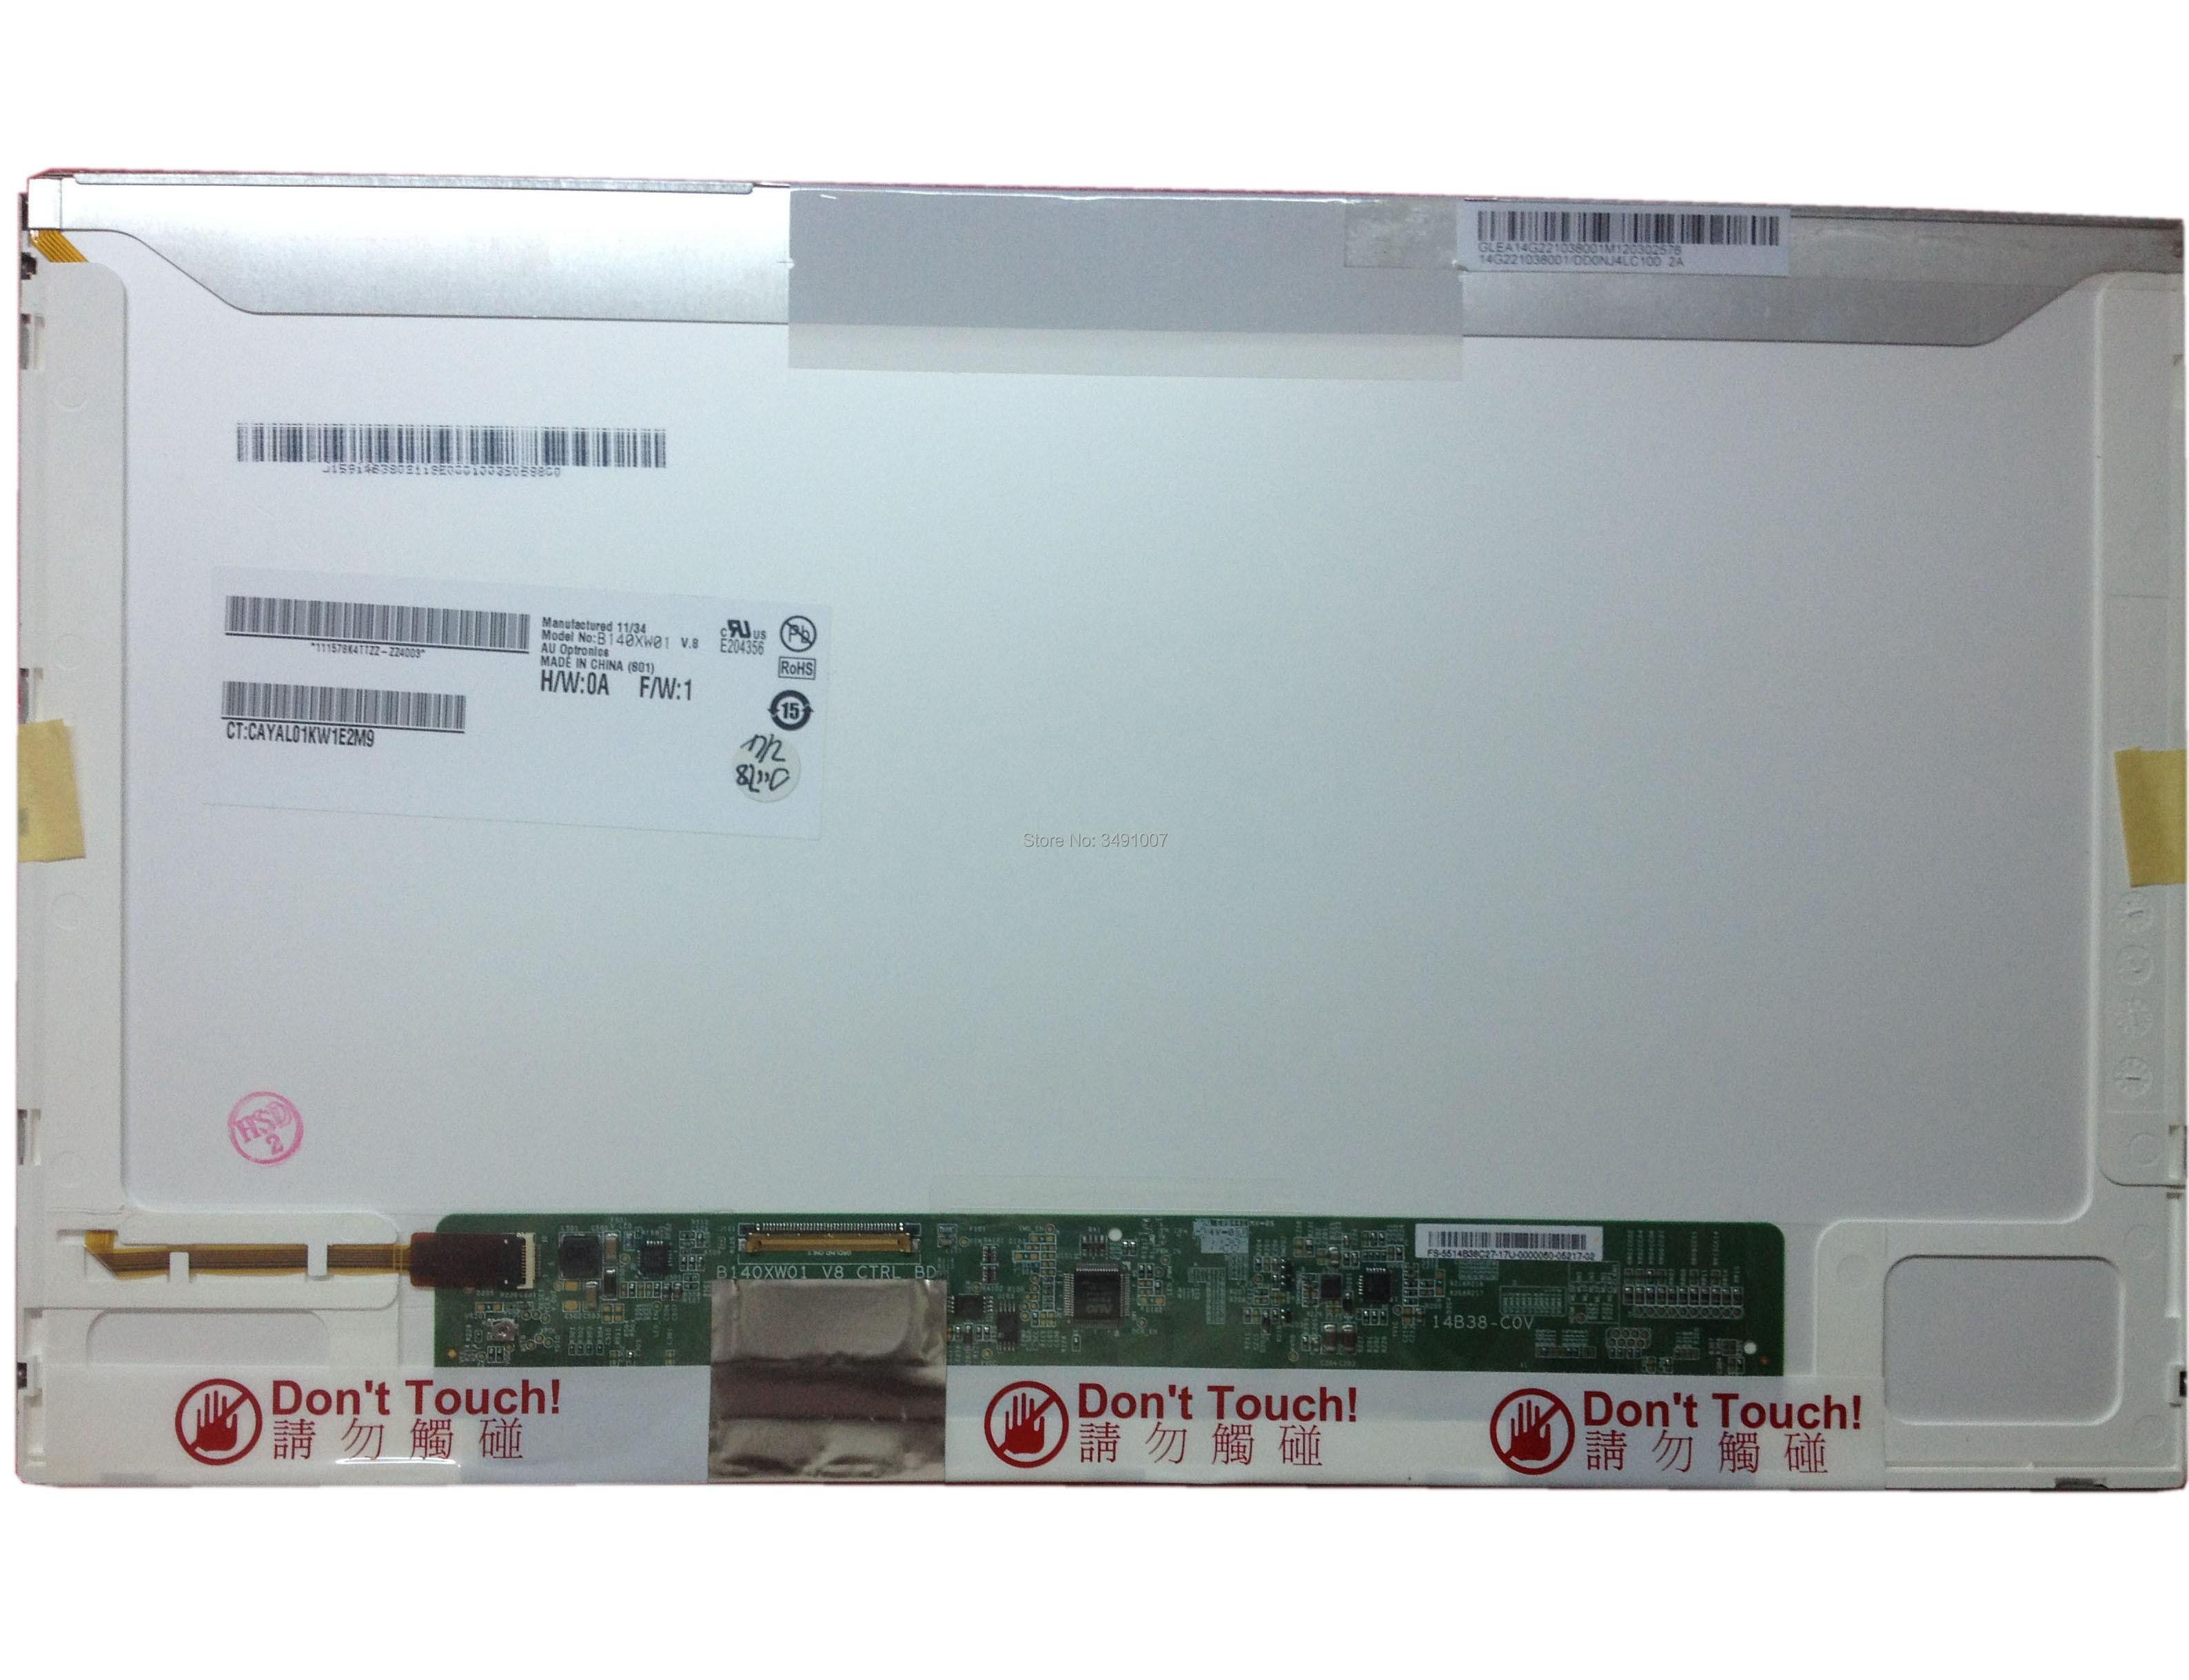 LALAWIN B140XW01 V.8 fit HB140WX1-100/200 N140BGE-L23 LTN140AT02 LTN140AT26 B140XW01 V.9LALAWIN B140XW01 V.8 fit HB140WX1-100/200 N140BGE-L23 LTN140AT02 LTN140AT26 B140XW01 V.9